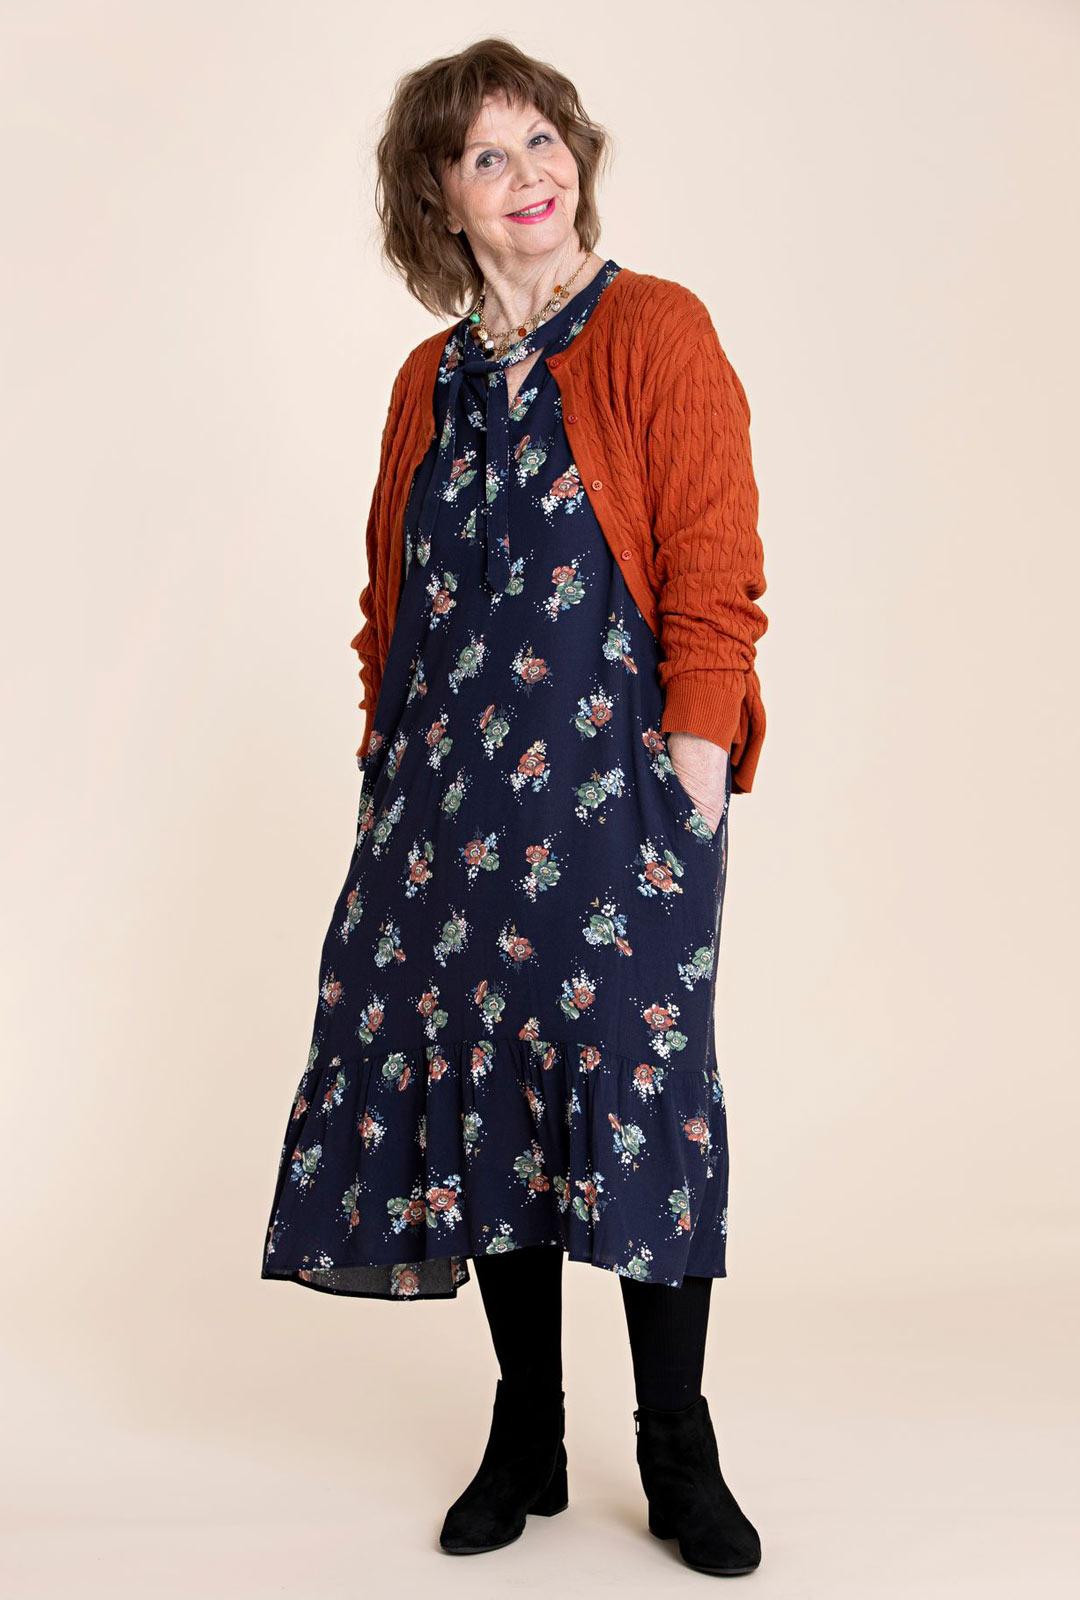 Pitkät mekot mielletään kesävaatteiksi, mutta niitä voi pitää myös talvella paksujen sukkahousujen ja nilkkureiden kanssa. Mekossa on sivulla taskut, joihin on kiva sujauttaa kädet.